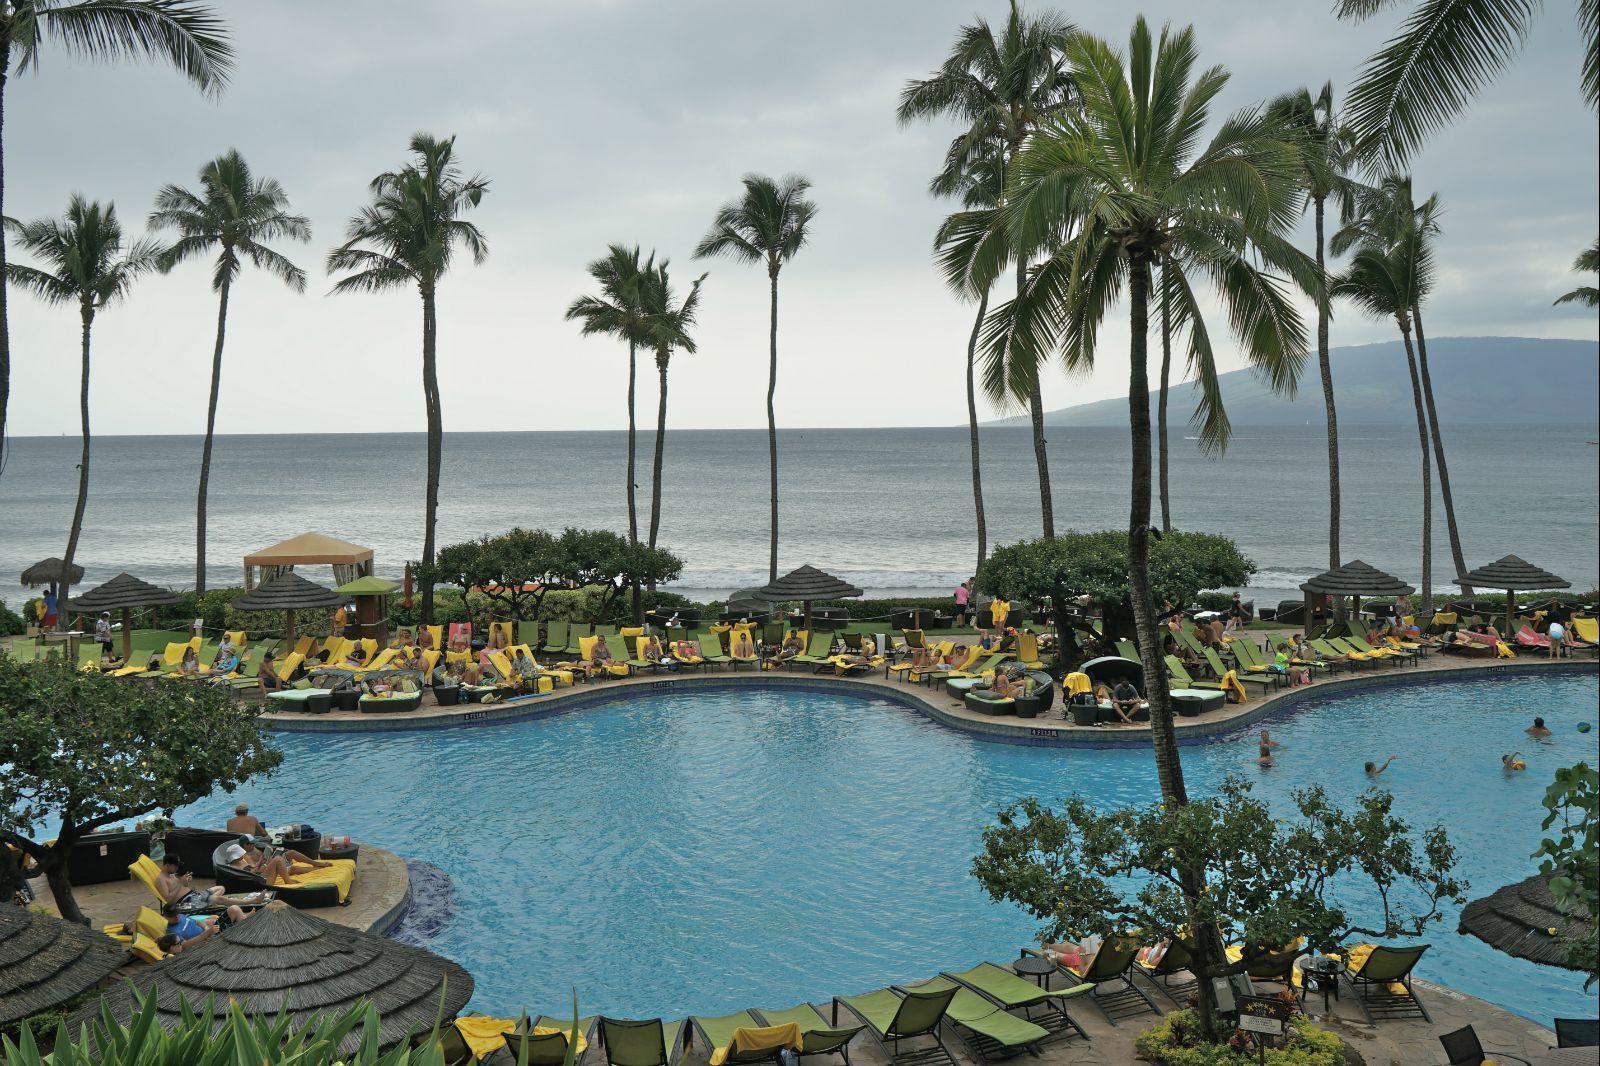 行走夏威夷 - 茂宜岛游记攻略【携程攻略】